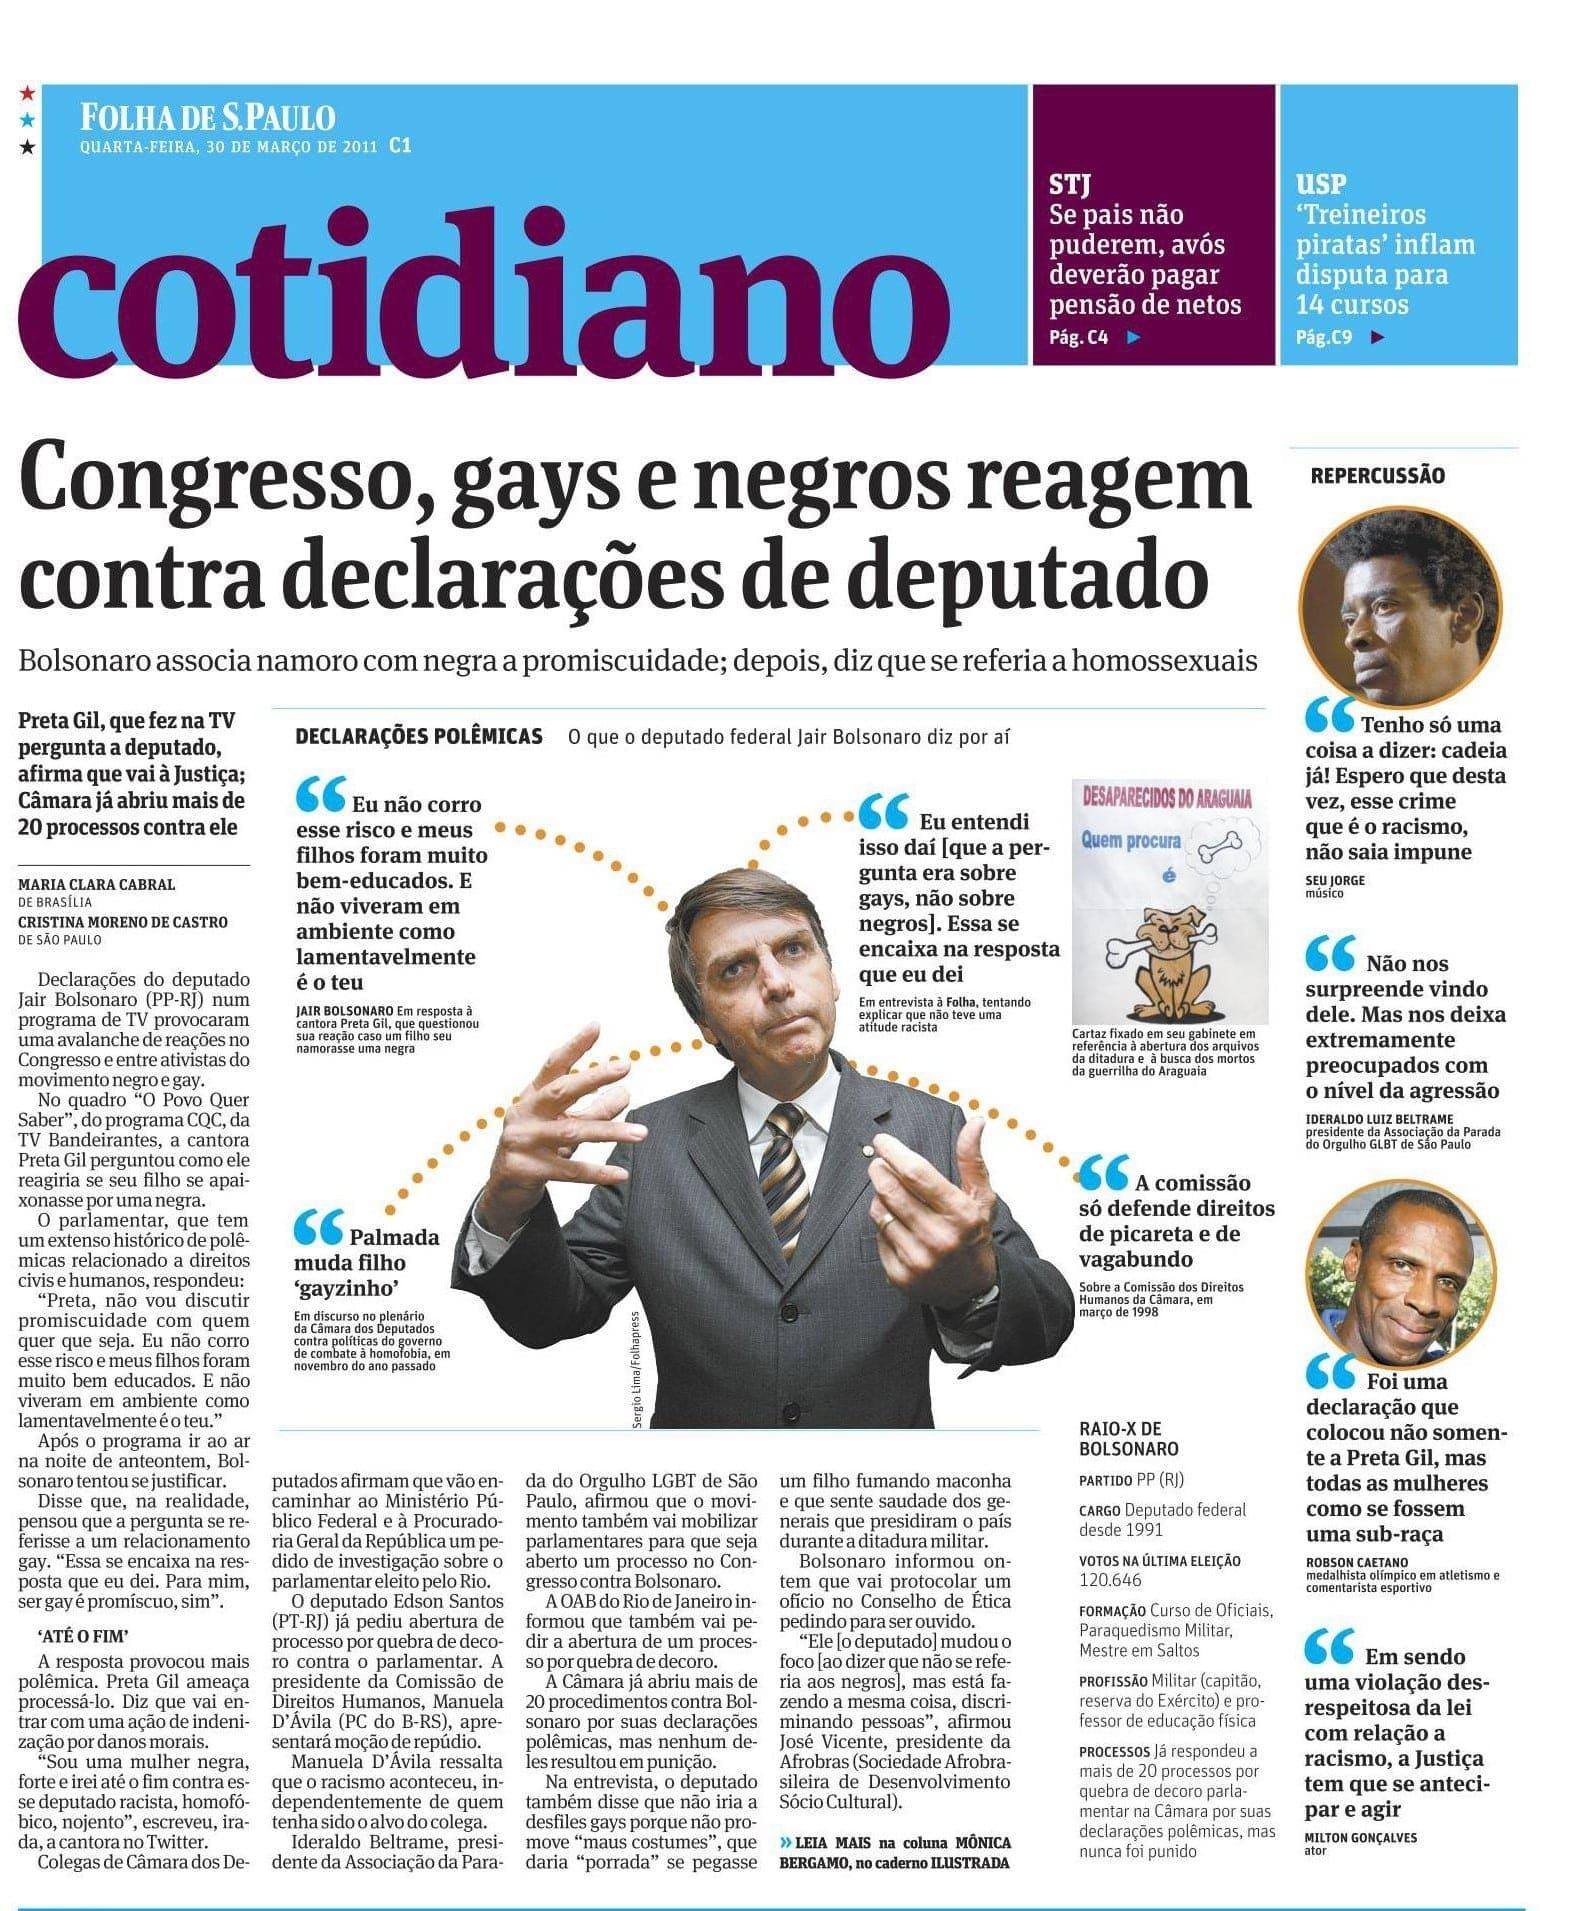 Bolsonaro ofende gays e negros.